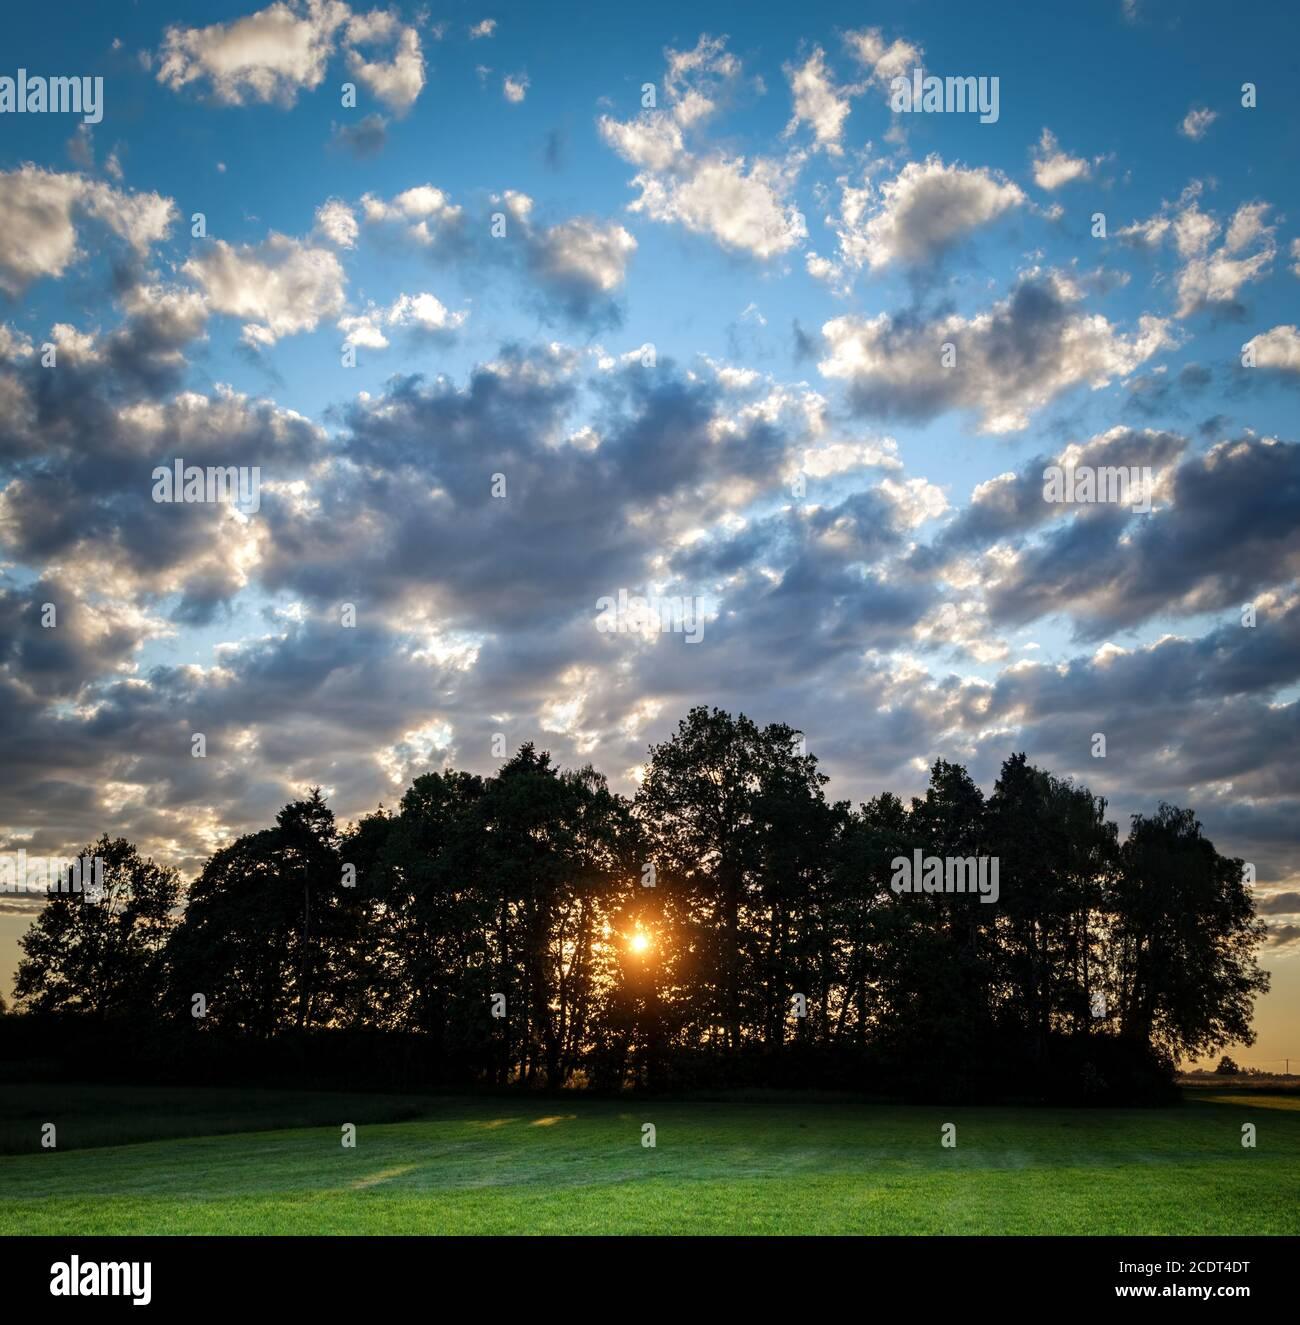 Sol brillando a través de los árboles al atardecer. Cielo nublado dramático. Campo verde Foto de stock